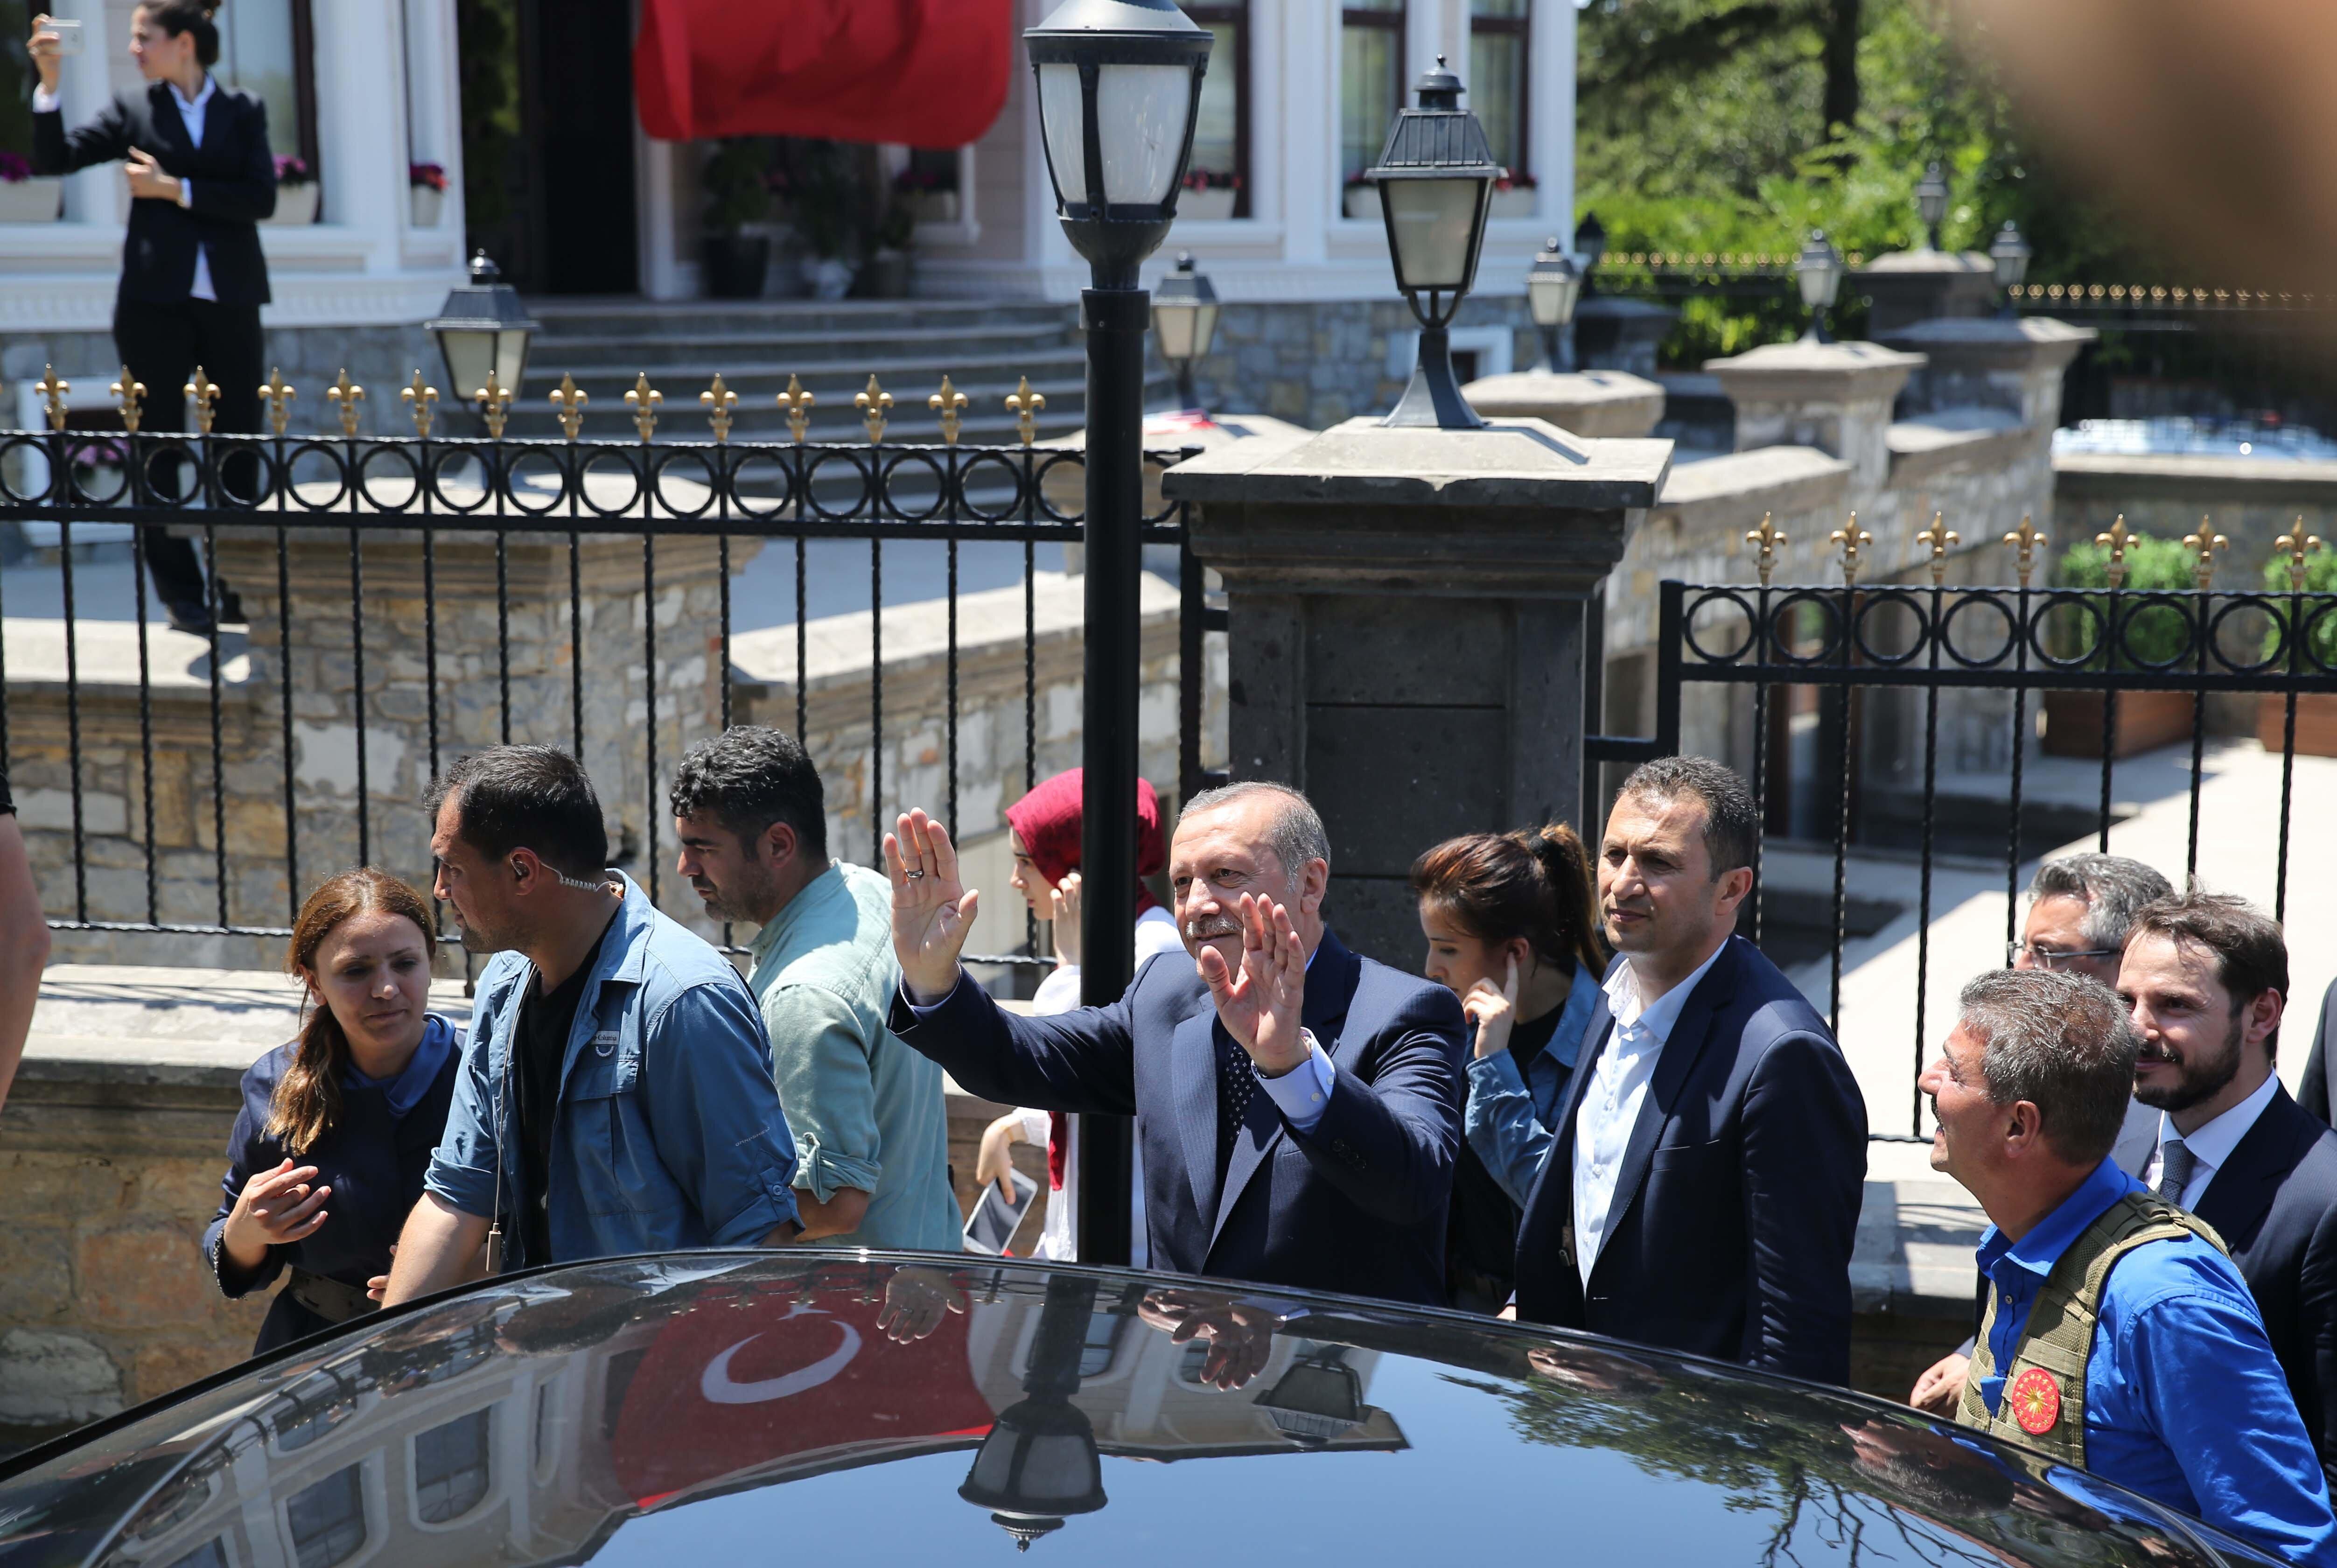 Darbe girişiminin ardından geceyi Atatürk Havalimanı Devlet Konukevi'nde geçiren Cumurbaşkanı Recep Tayyip Erdoğan, öğle saatlerinde buradan ayrılıp, Kısıklı'daki konutuna geçti.